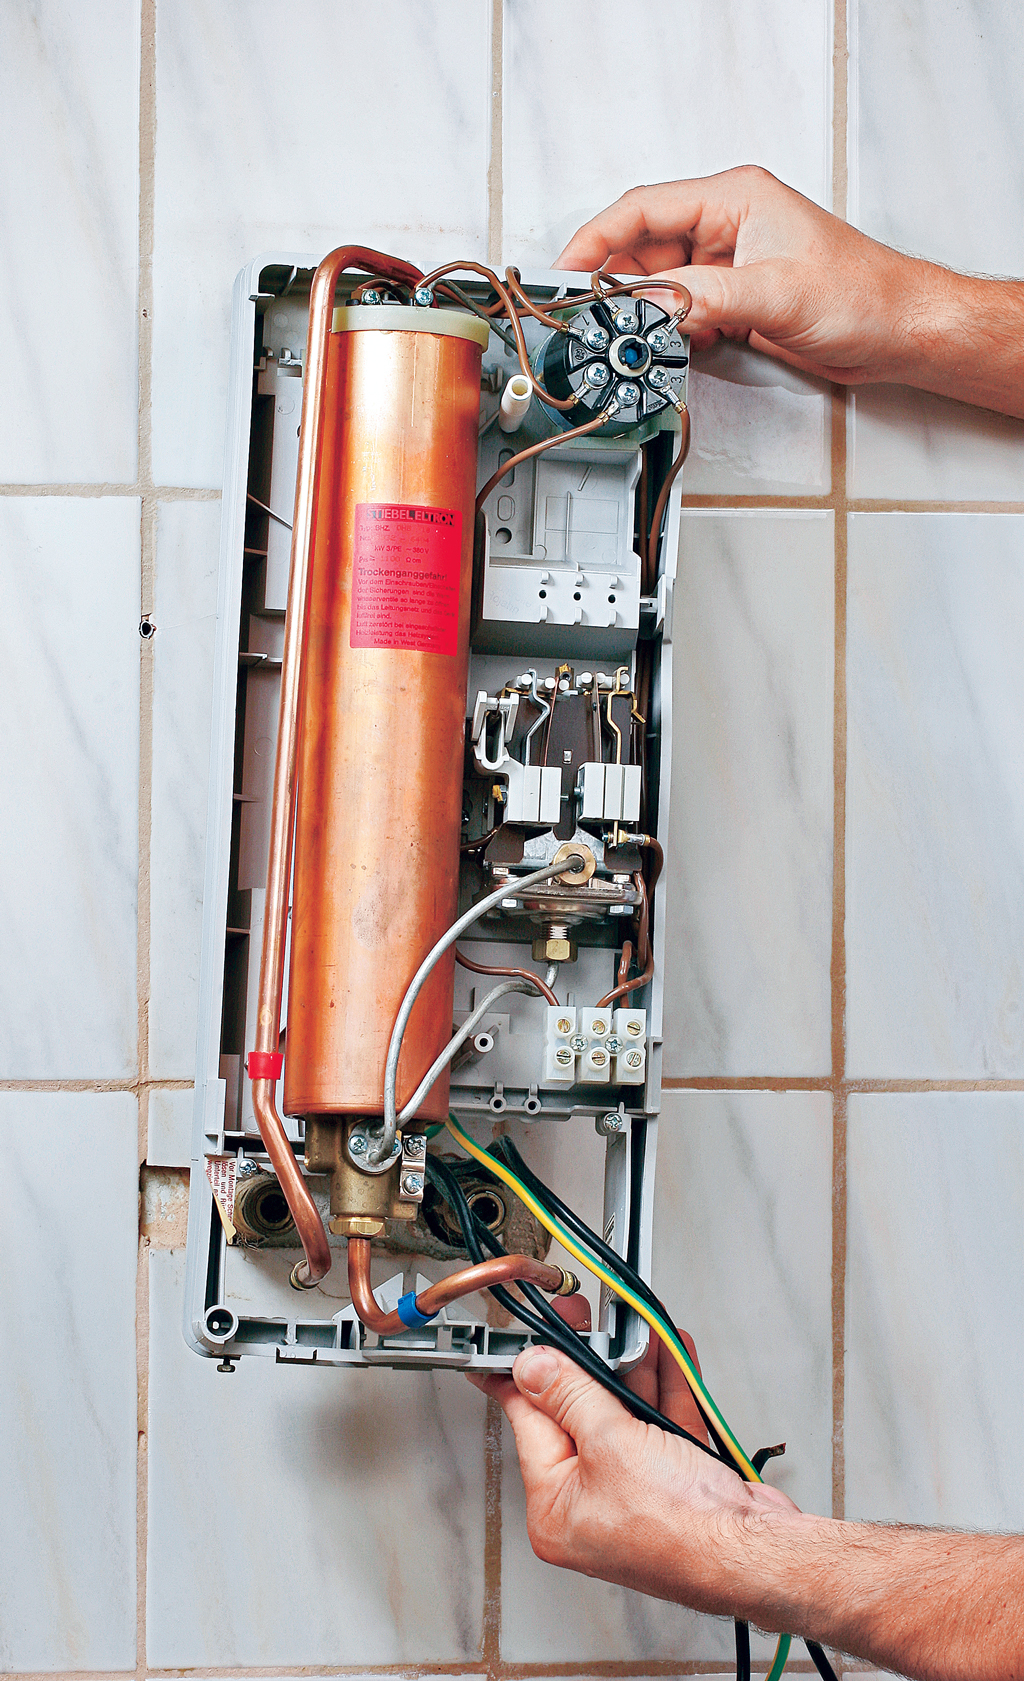 Bevorzugt Elektronischer Durchlauferhitzer | selbst.de VY36